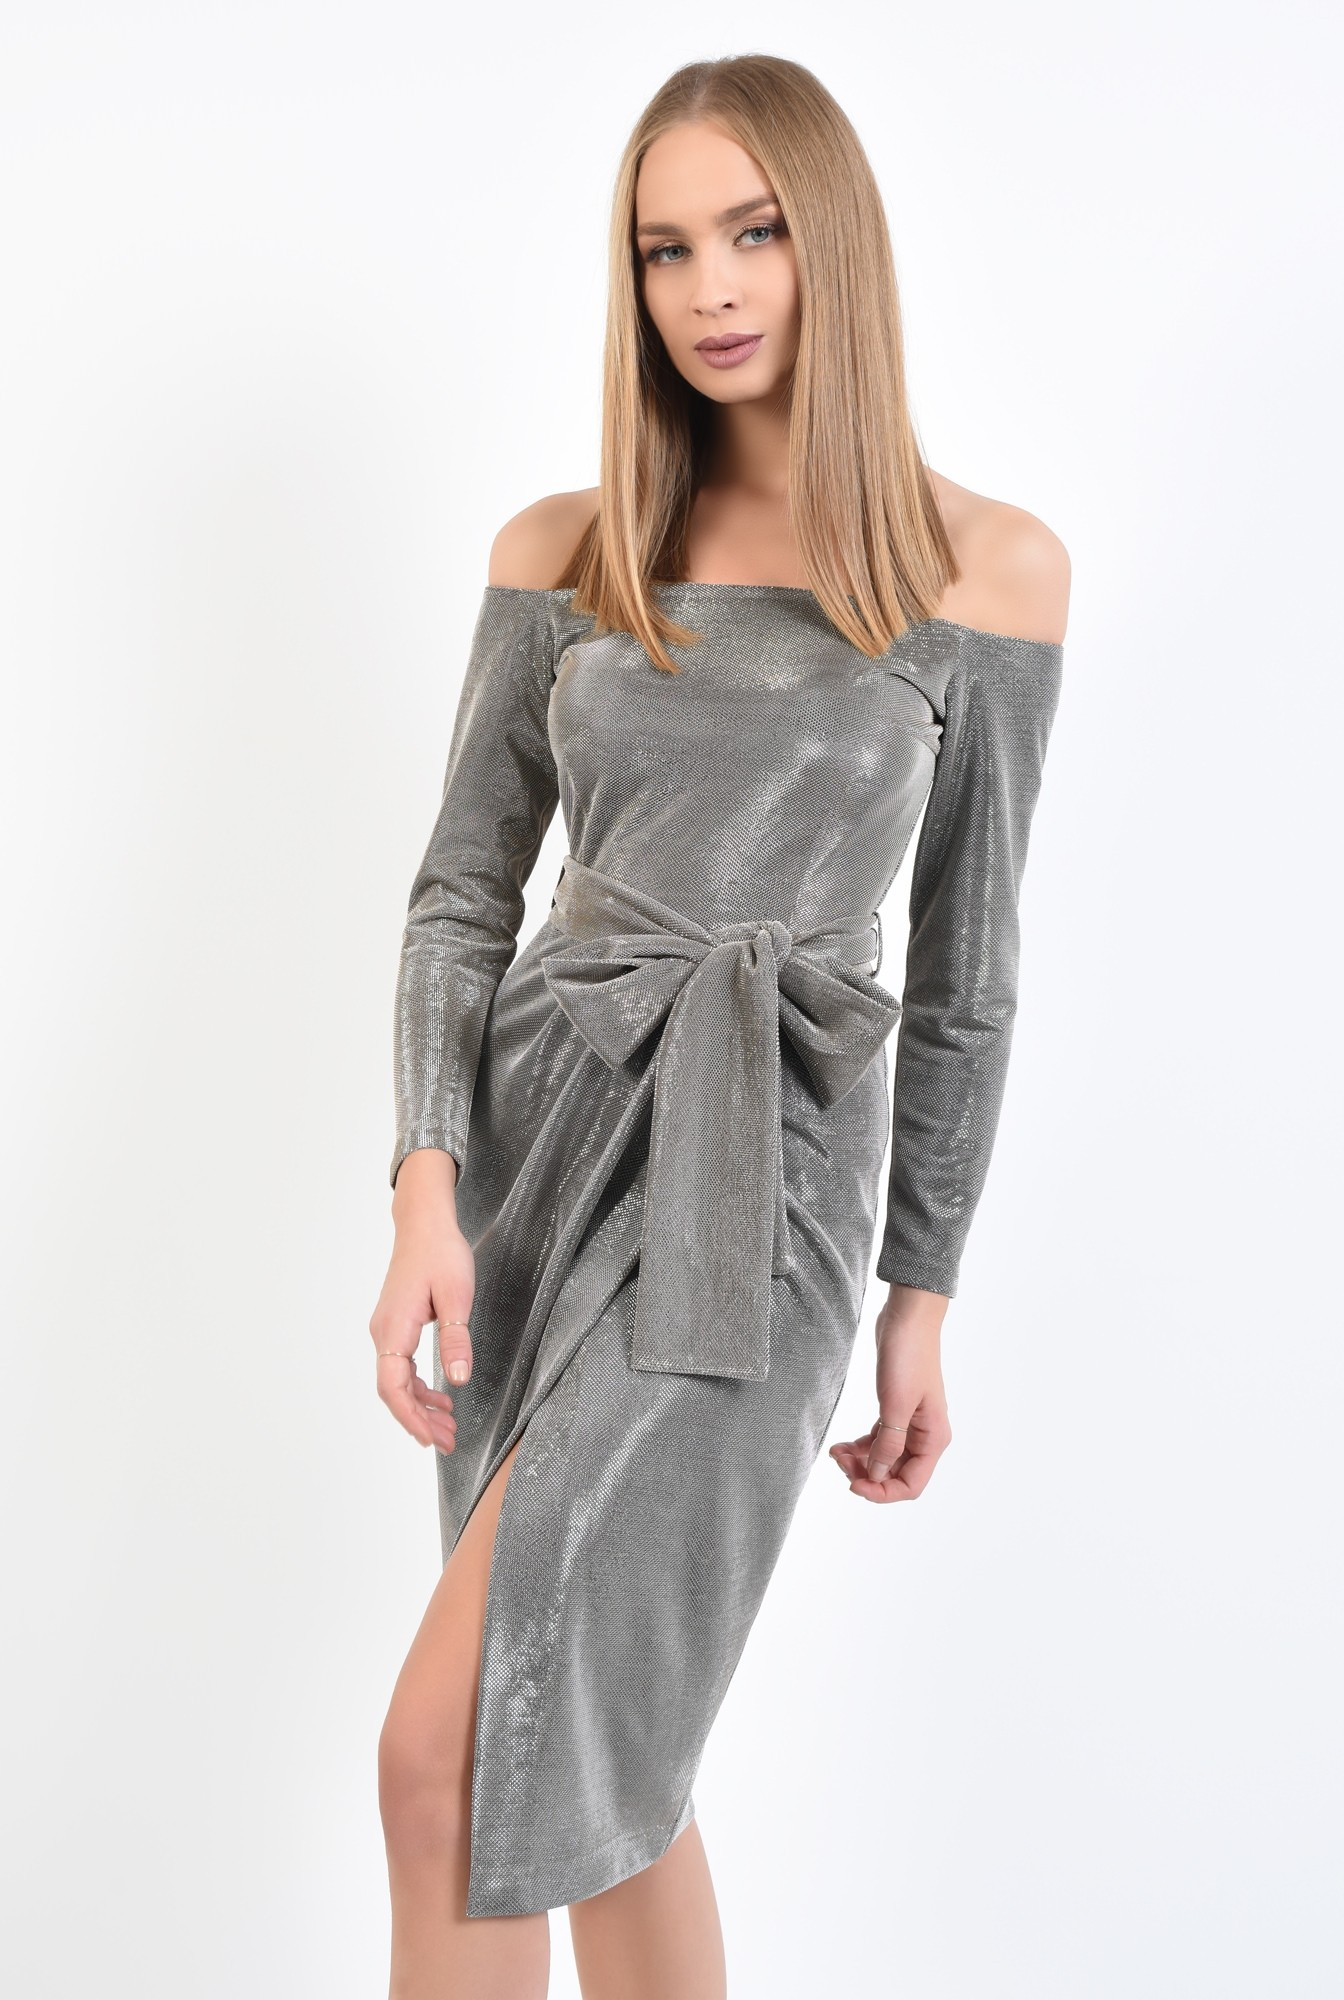 0 - 360 - rochie eleganta, din lurex, cu sclipici, cu funda